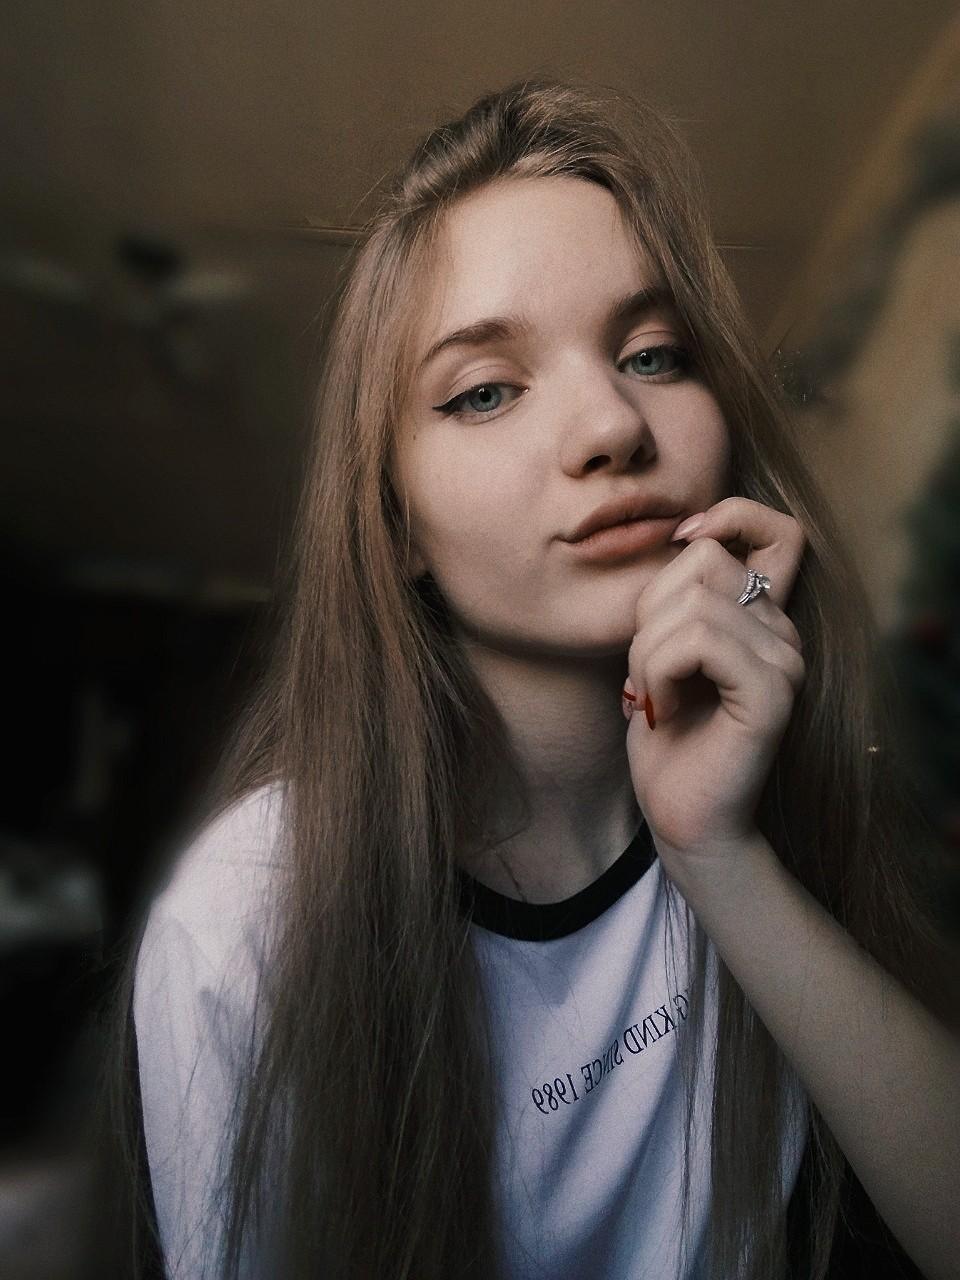 Девушка познакомится с парнем в городе Волгоград, Анжелика, 24 года